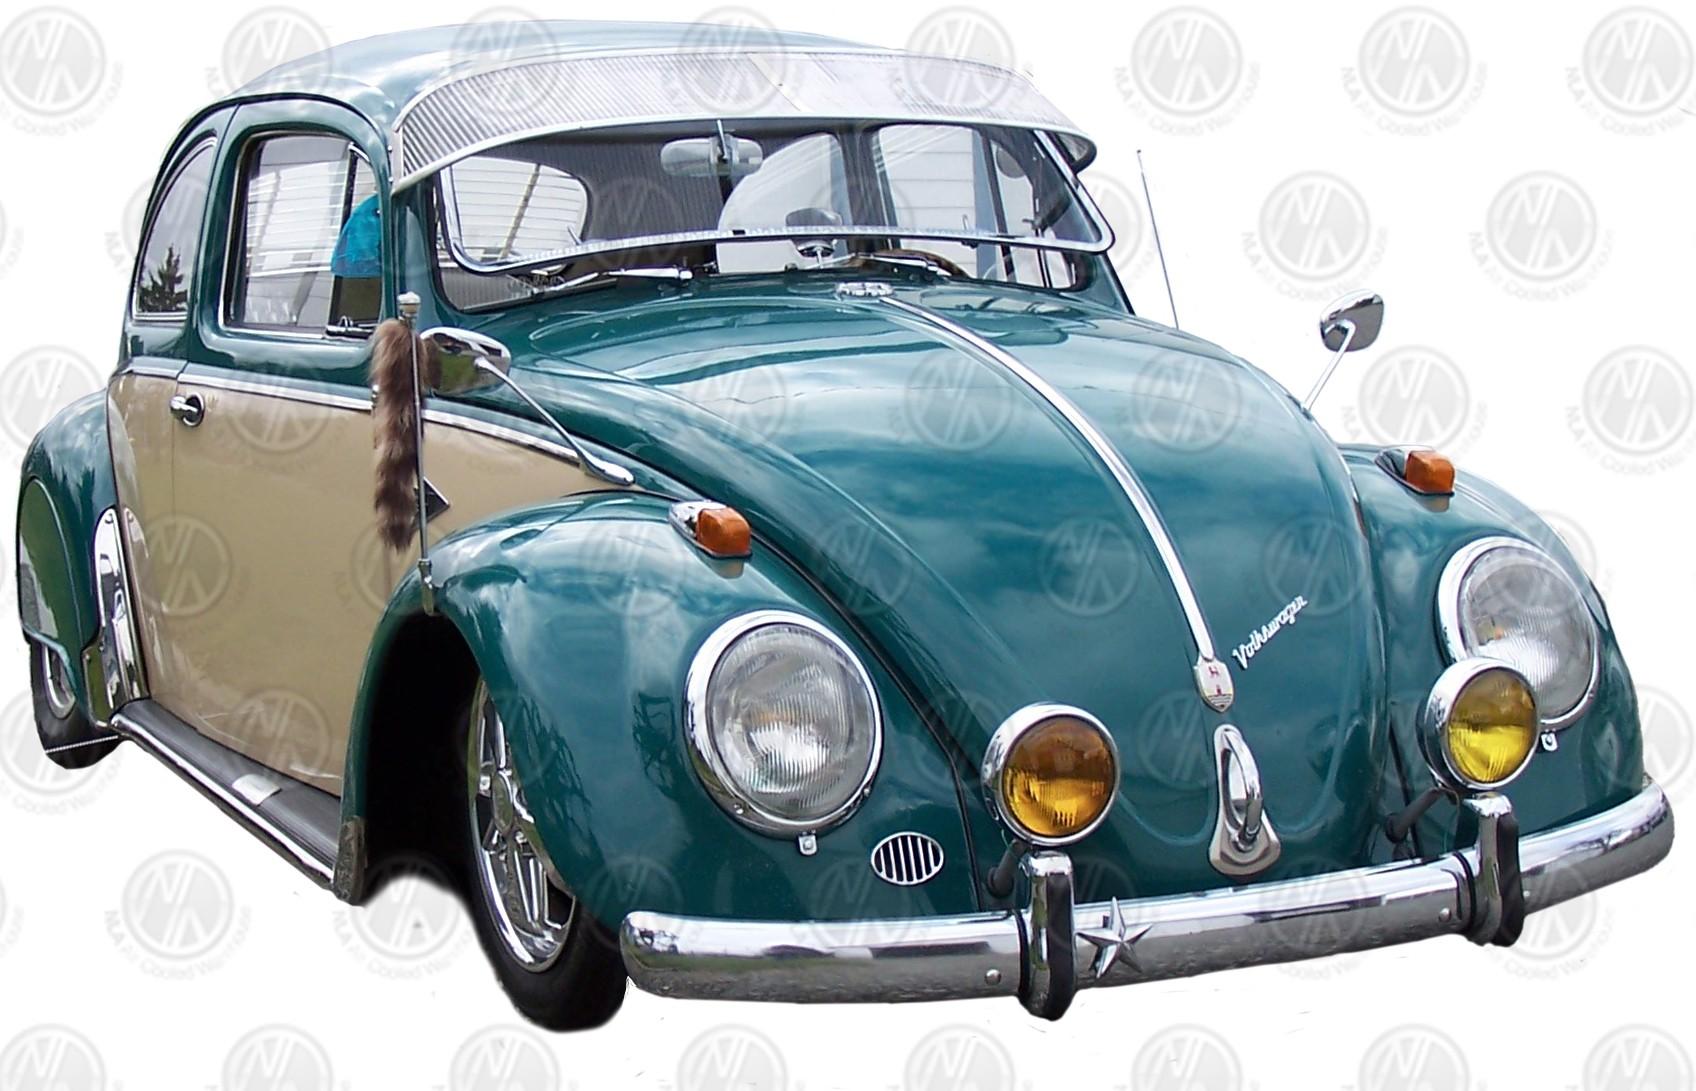 External Sun Visor for Flat Screen Beetle - NLA VW Parts 53d68baa25a